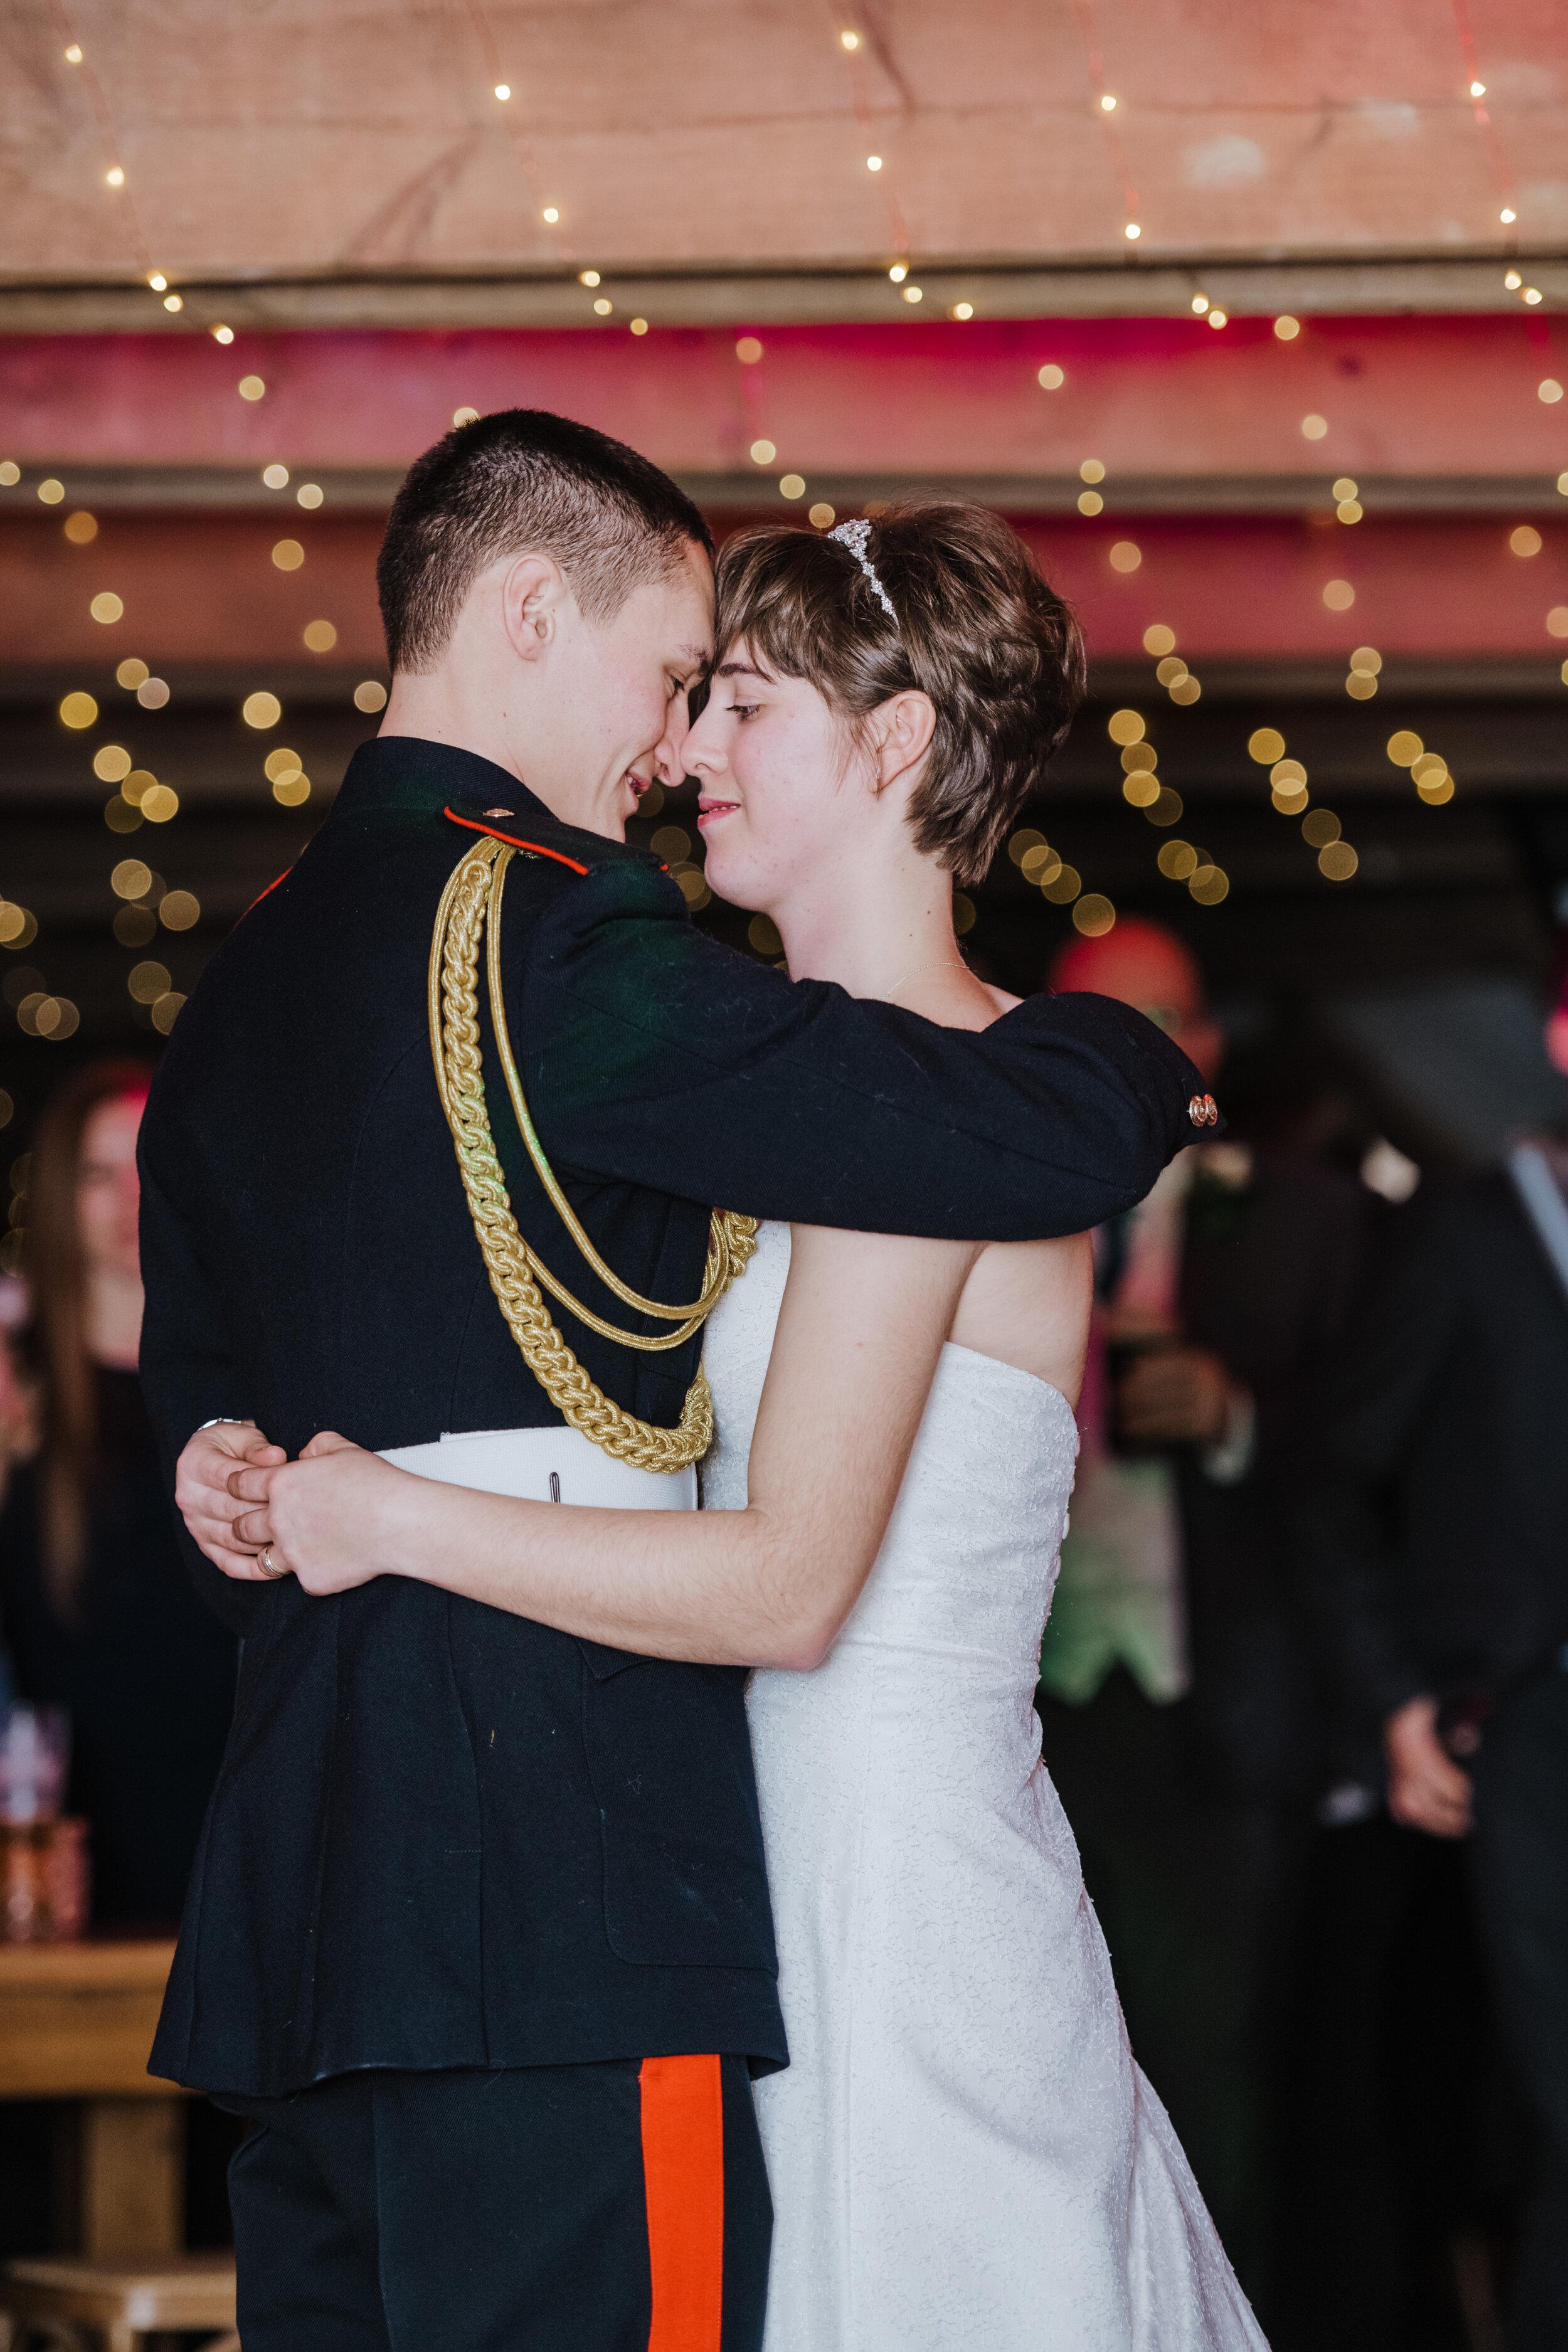 SUFFOLK_WEDDING_PHOTOGRAPHY_ISAACS_WEDDING_VENUE_WEDDINGPHOTOGRAPHERNEARME_iPSWICHWEDDINGPHOTOGRAPHER (80).jpg